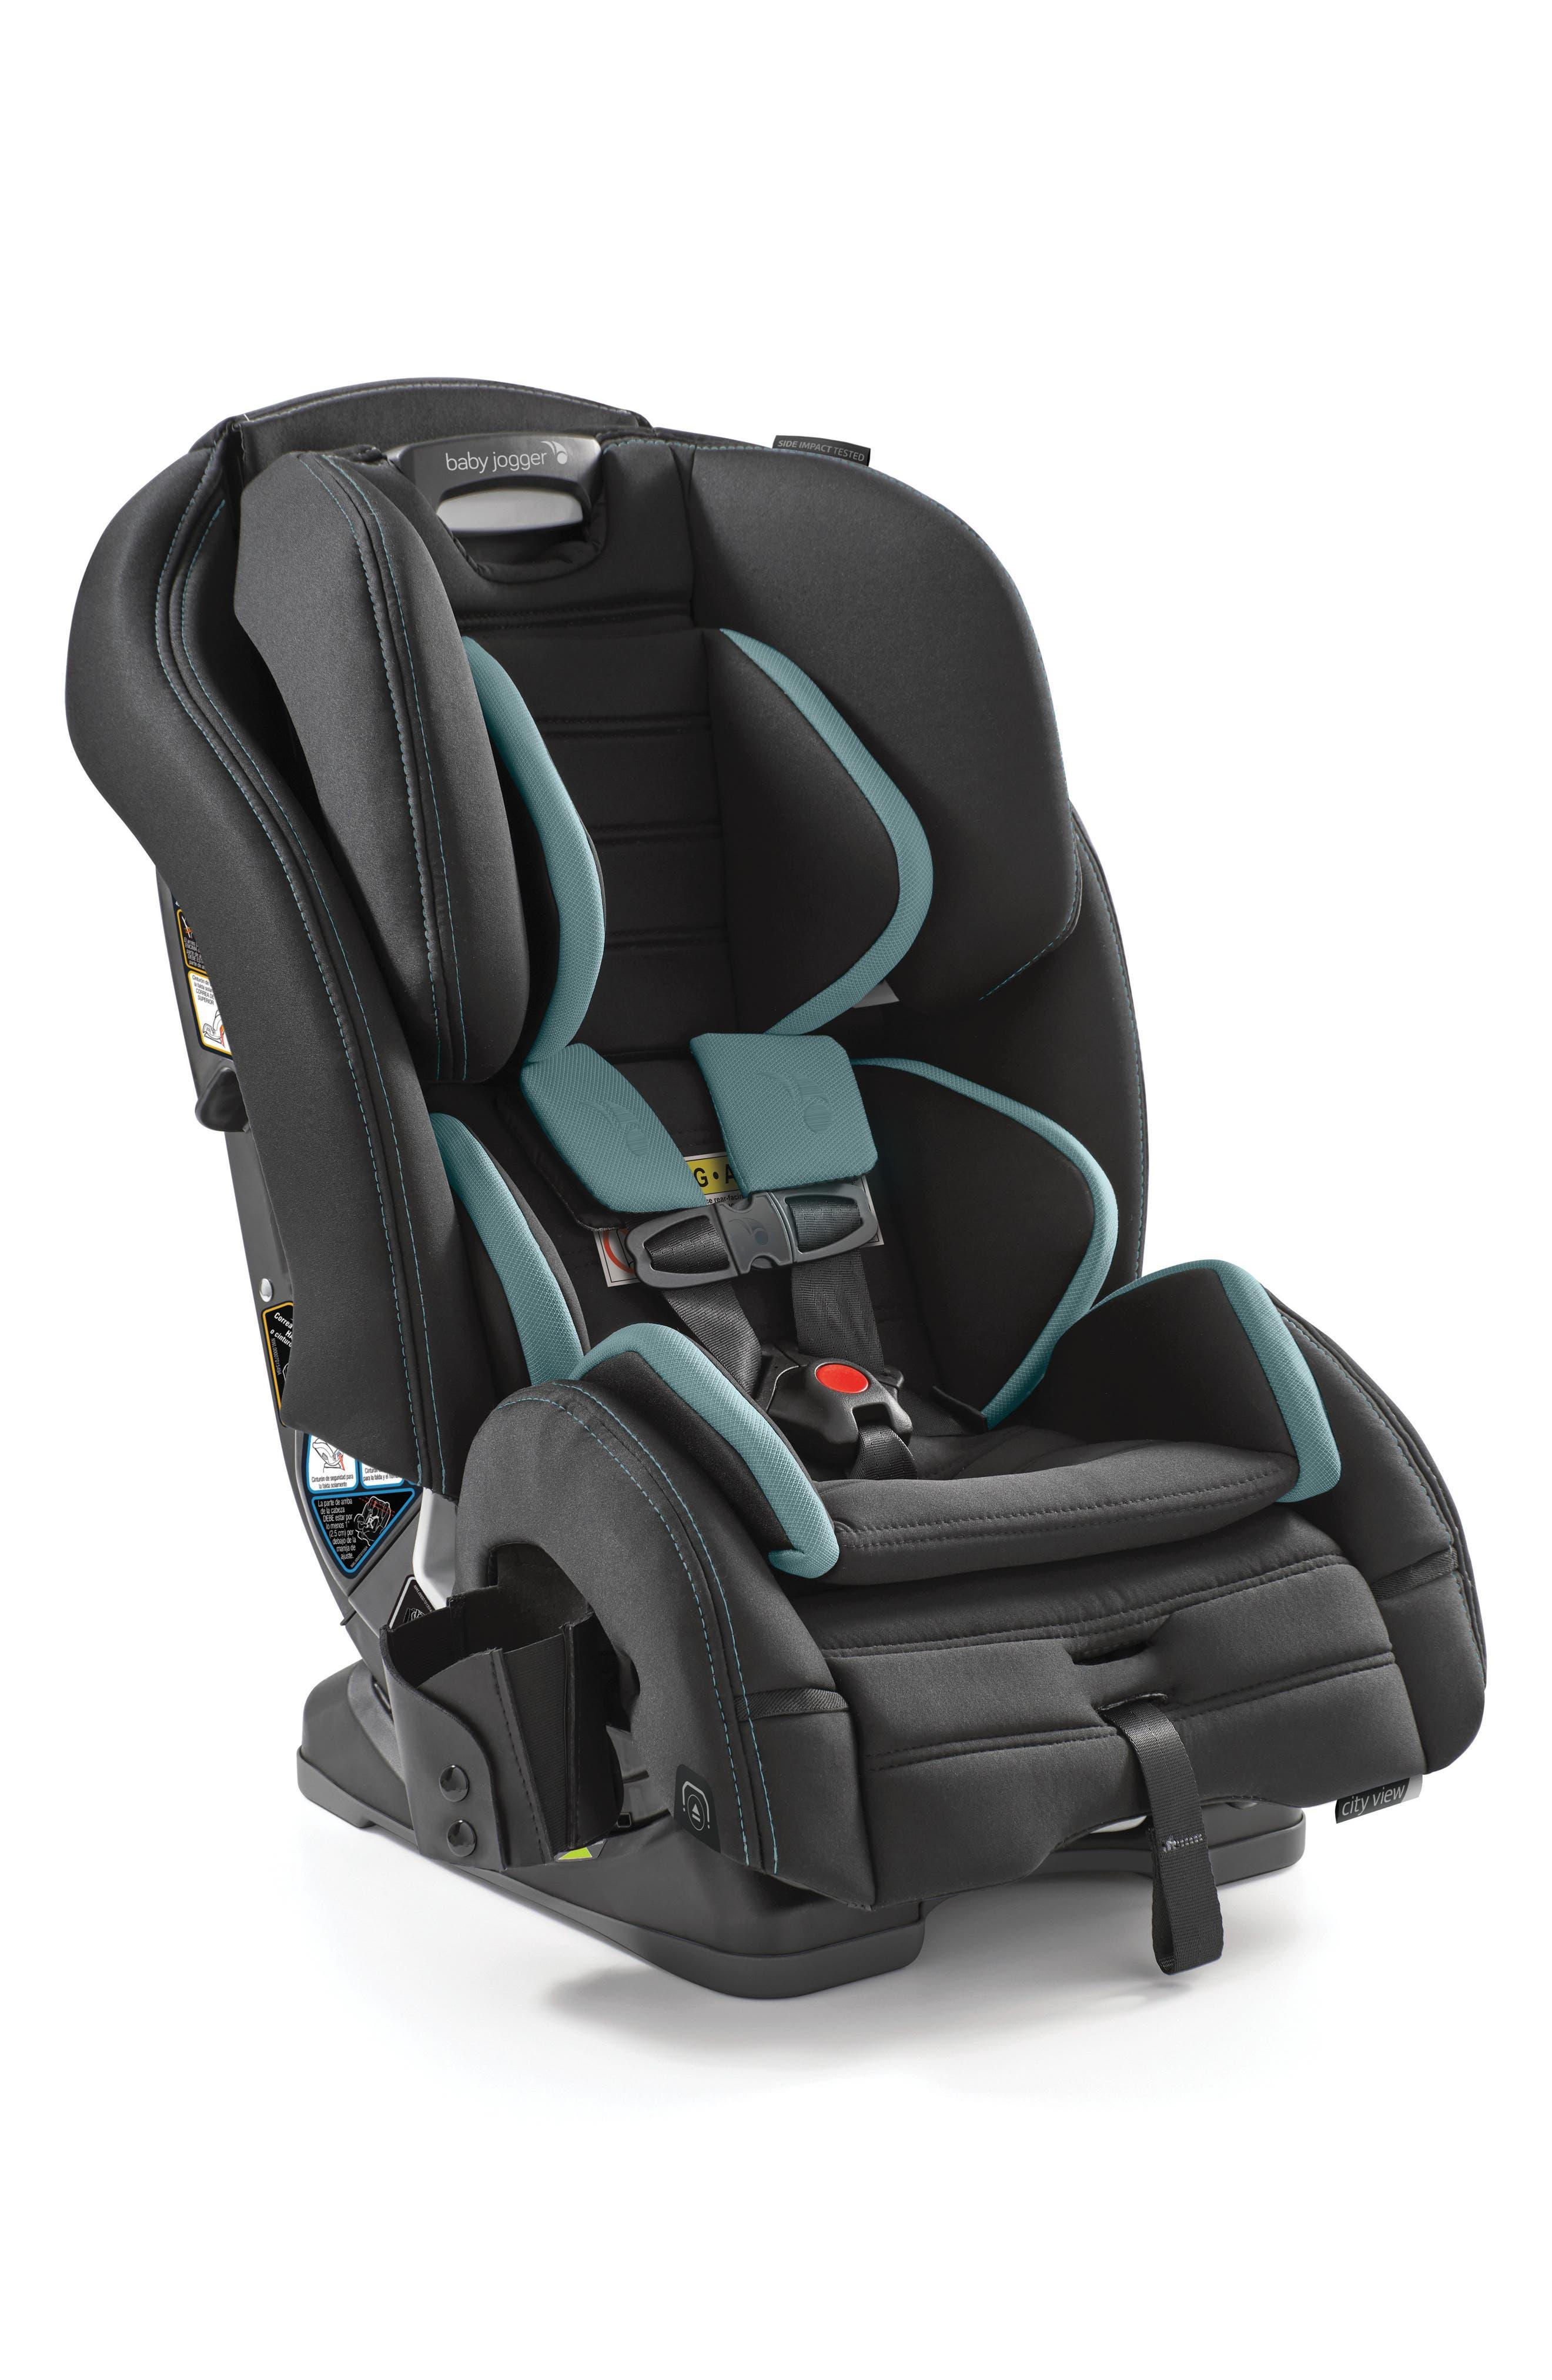 Main Image - Baby Jogger City View 2018 Convertible Car Seat